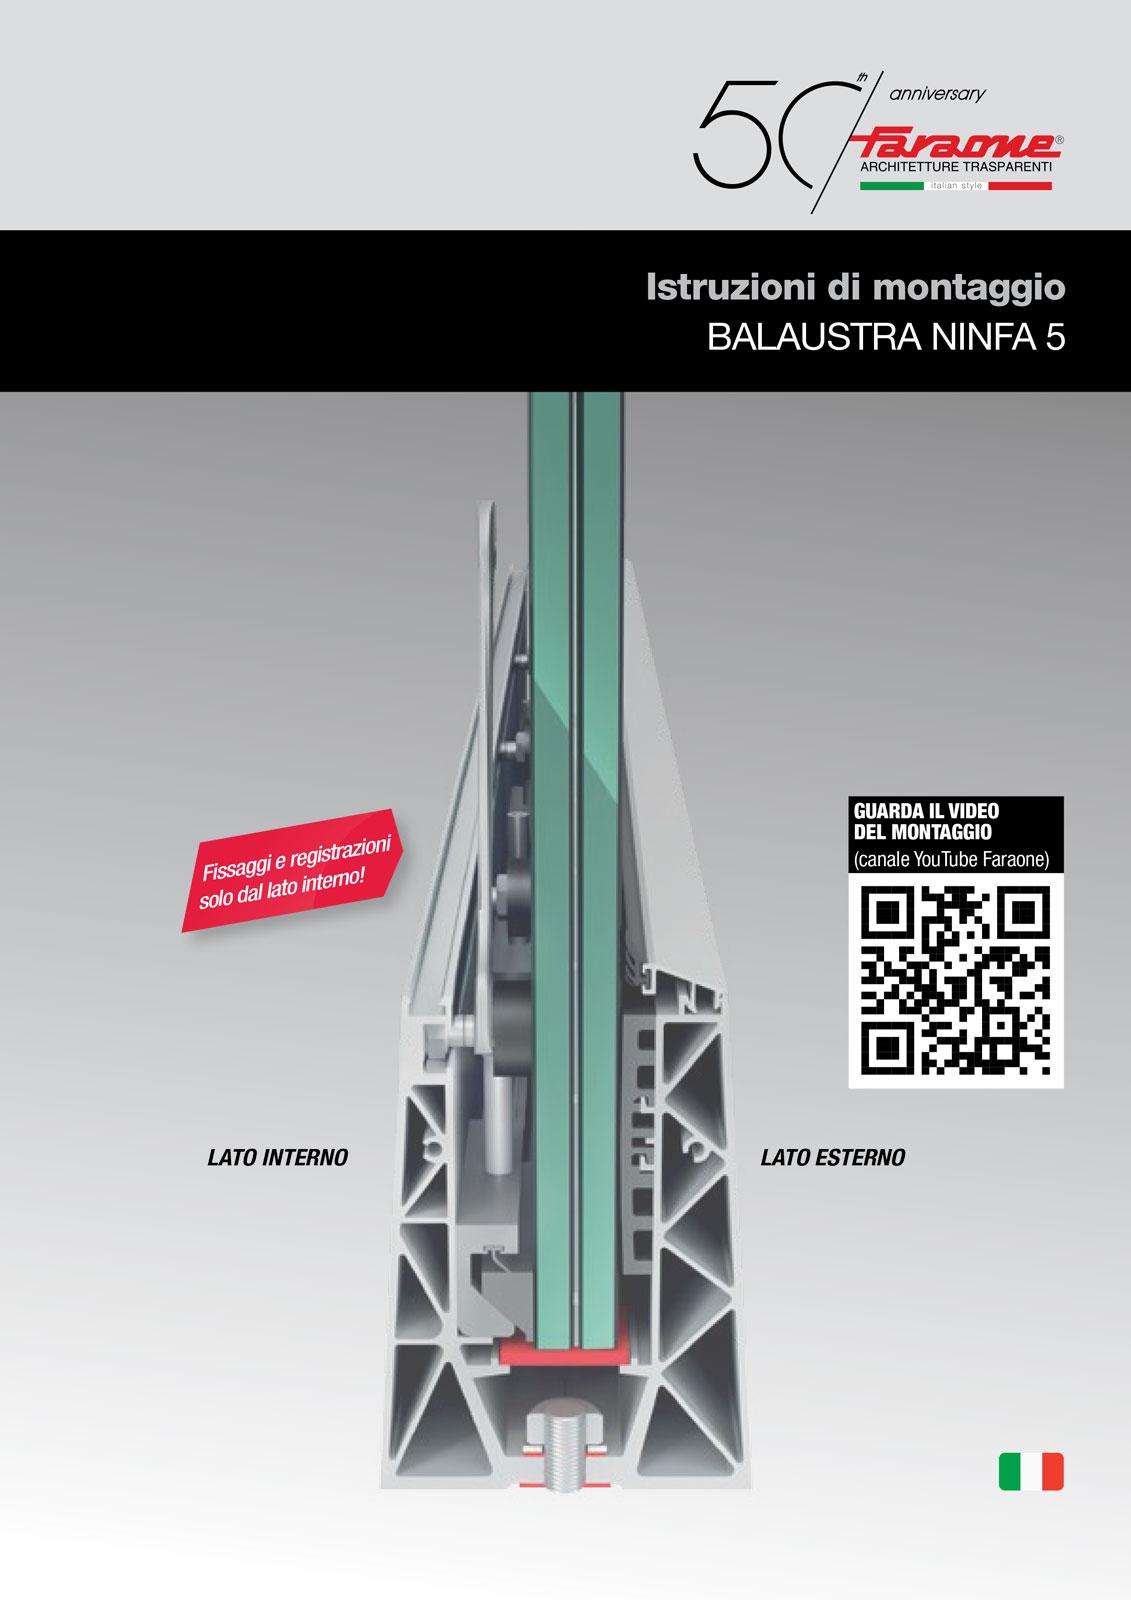 Istruzioni di montaggio parapetto Ninfa 5